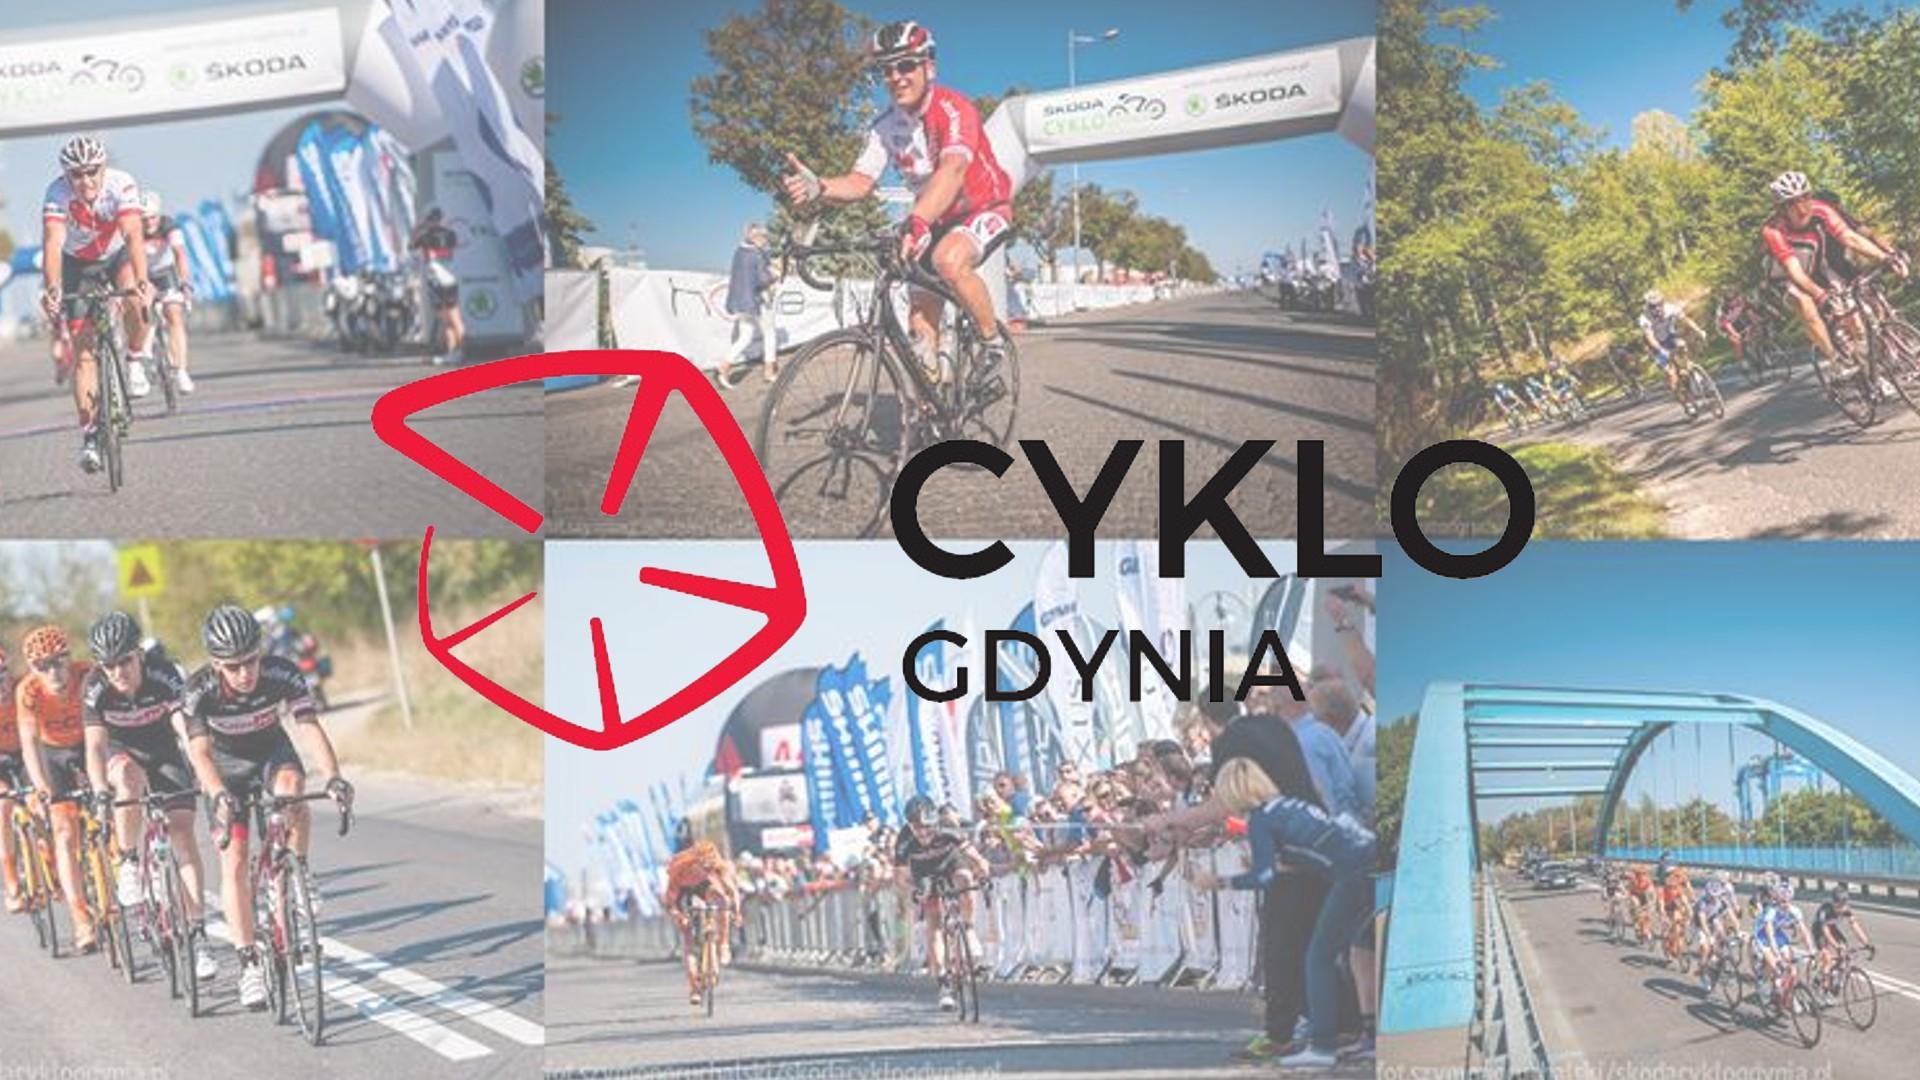 Cyklo Gdynia 2015 – Zapraszamy!